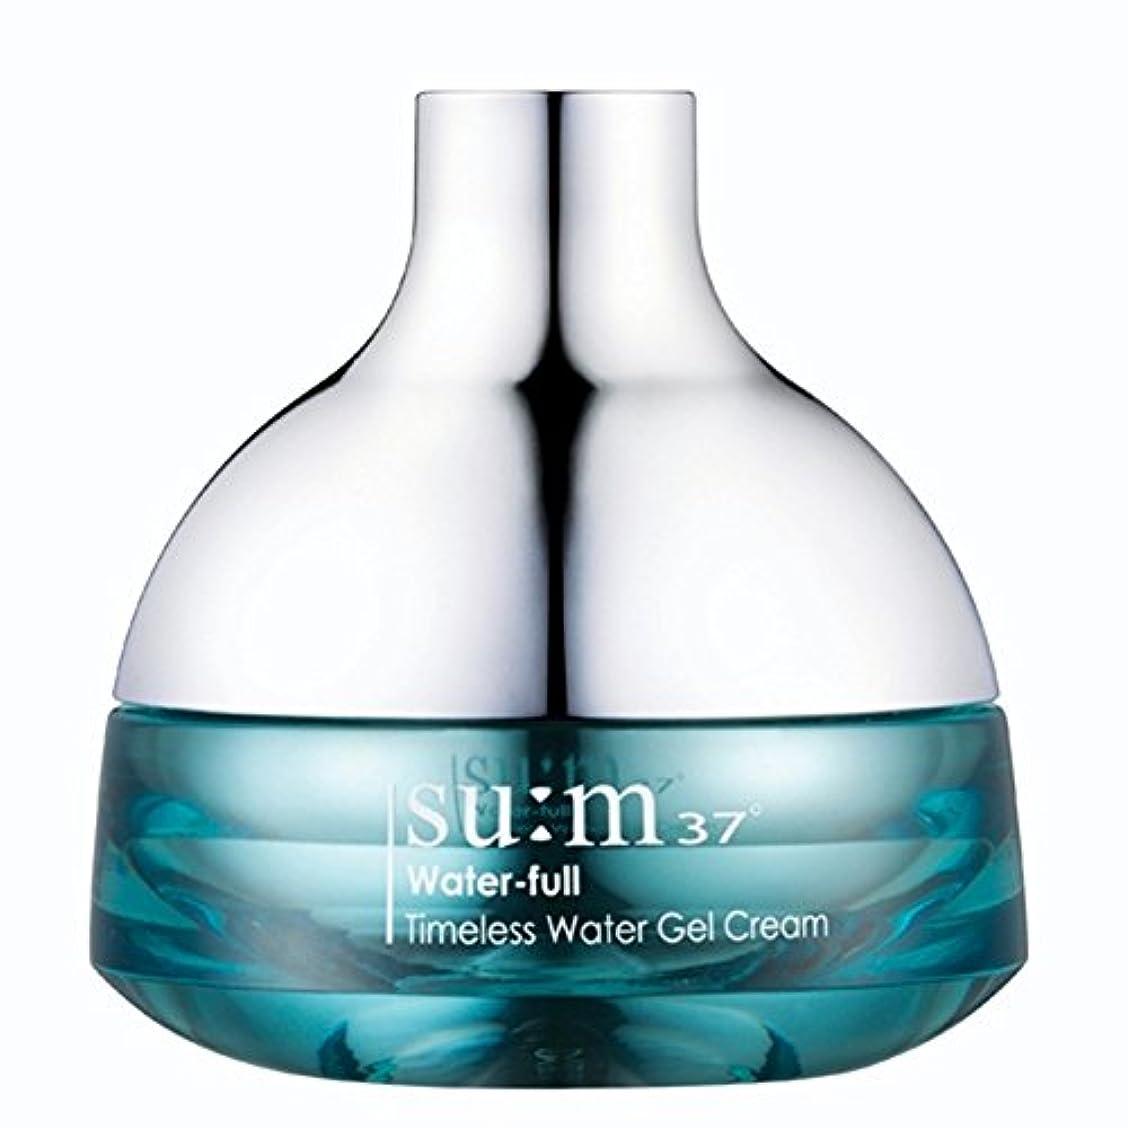 比喩ますますに変わるsu:m37/スム37° スム37 ウォーターフルタイムレスウォータージェルクリーム50ml (sum 37ºWater-full Timeless Water Gel Cream 50ml + Special Gift...